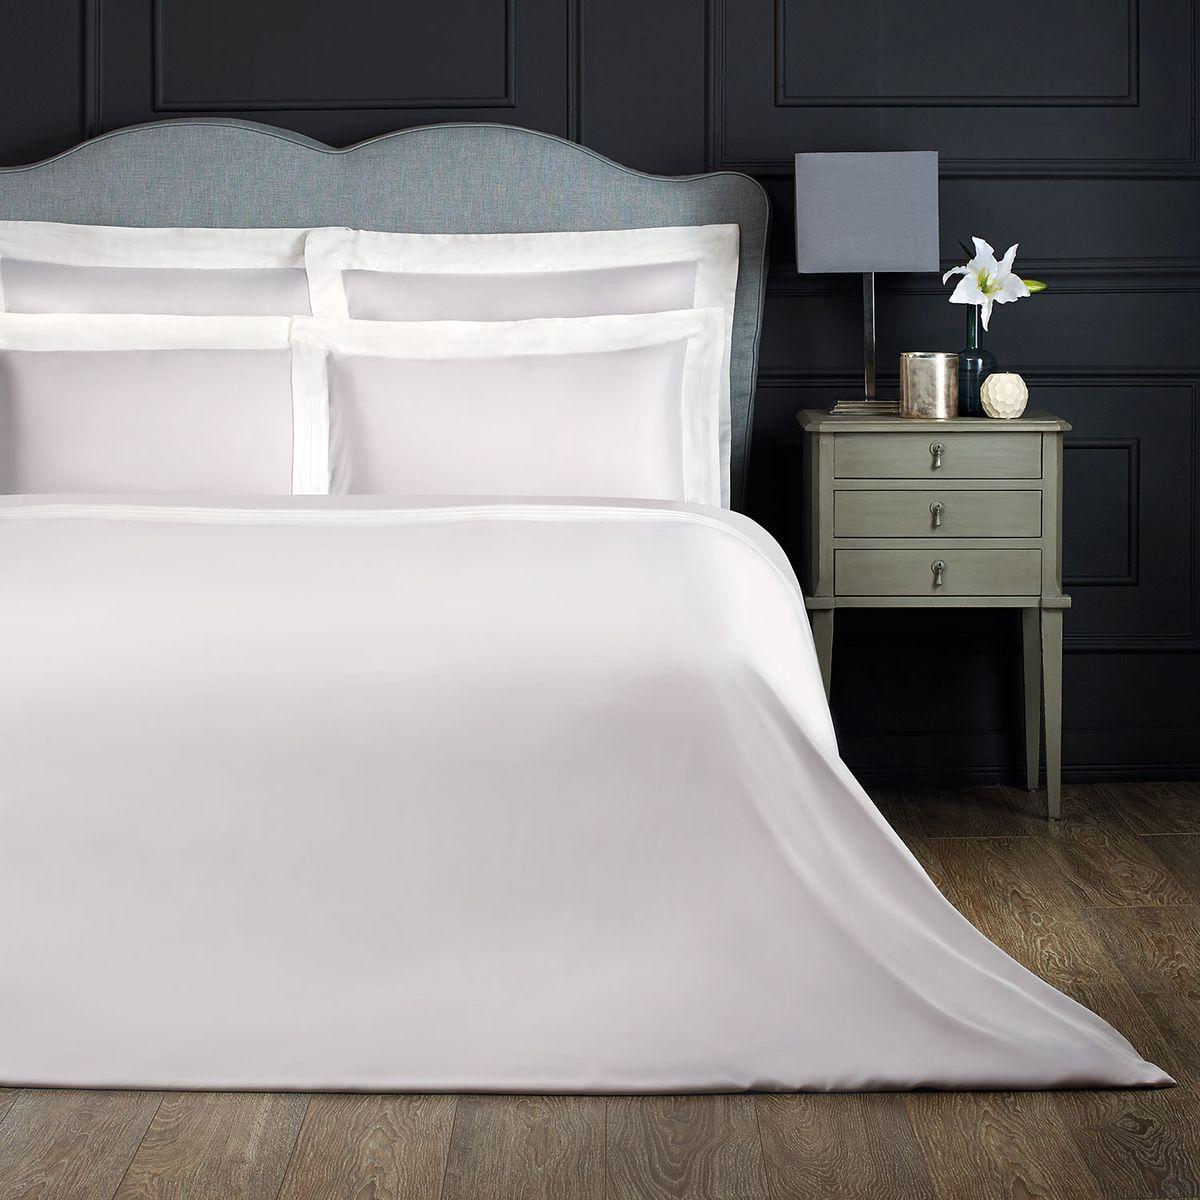 Комплект белья Togas Эдем, 1,5-спальный, наволочки 50х70, цвет: серый, белый30.07.30.0012Комплект постельного белья Togas Эдем, выполненный из 100% бамбукового волокна, состоит из пододеяльника, простыни и двух наволочек. Изделия имеют классический крой. Бамбуковое волокно - регенерированное целлюлозное волокно, изготовленное из стебля бамбука.Комплект постельного белья Togas Эдем гармонично впишется в интерьер вашей спальни и создаст атмосферу уюта и комфорта.